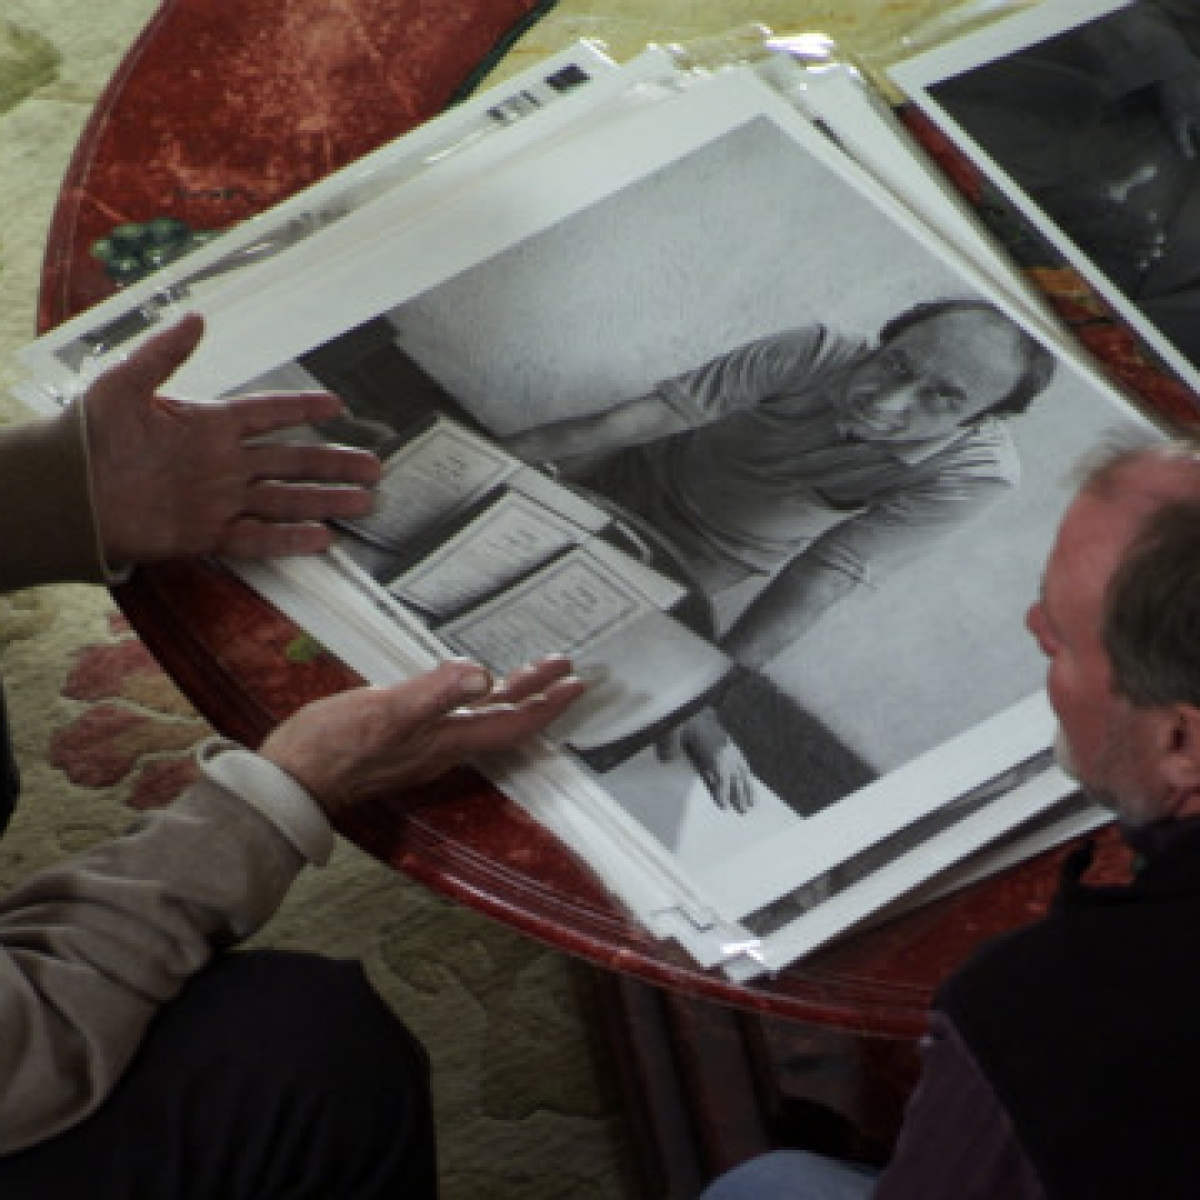 Ground zero: When Muslims were the saviors and Jews the saved